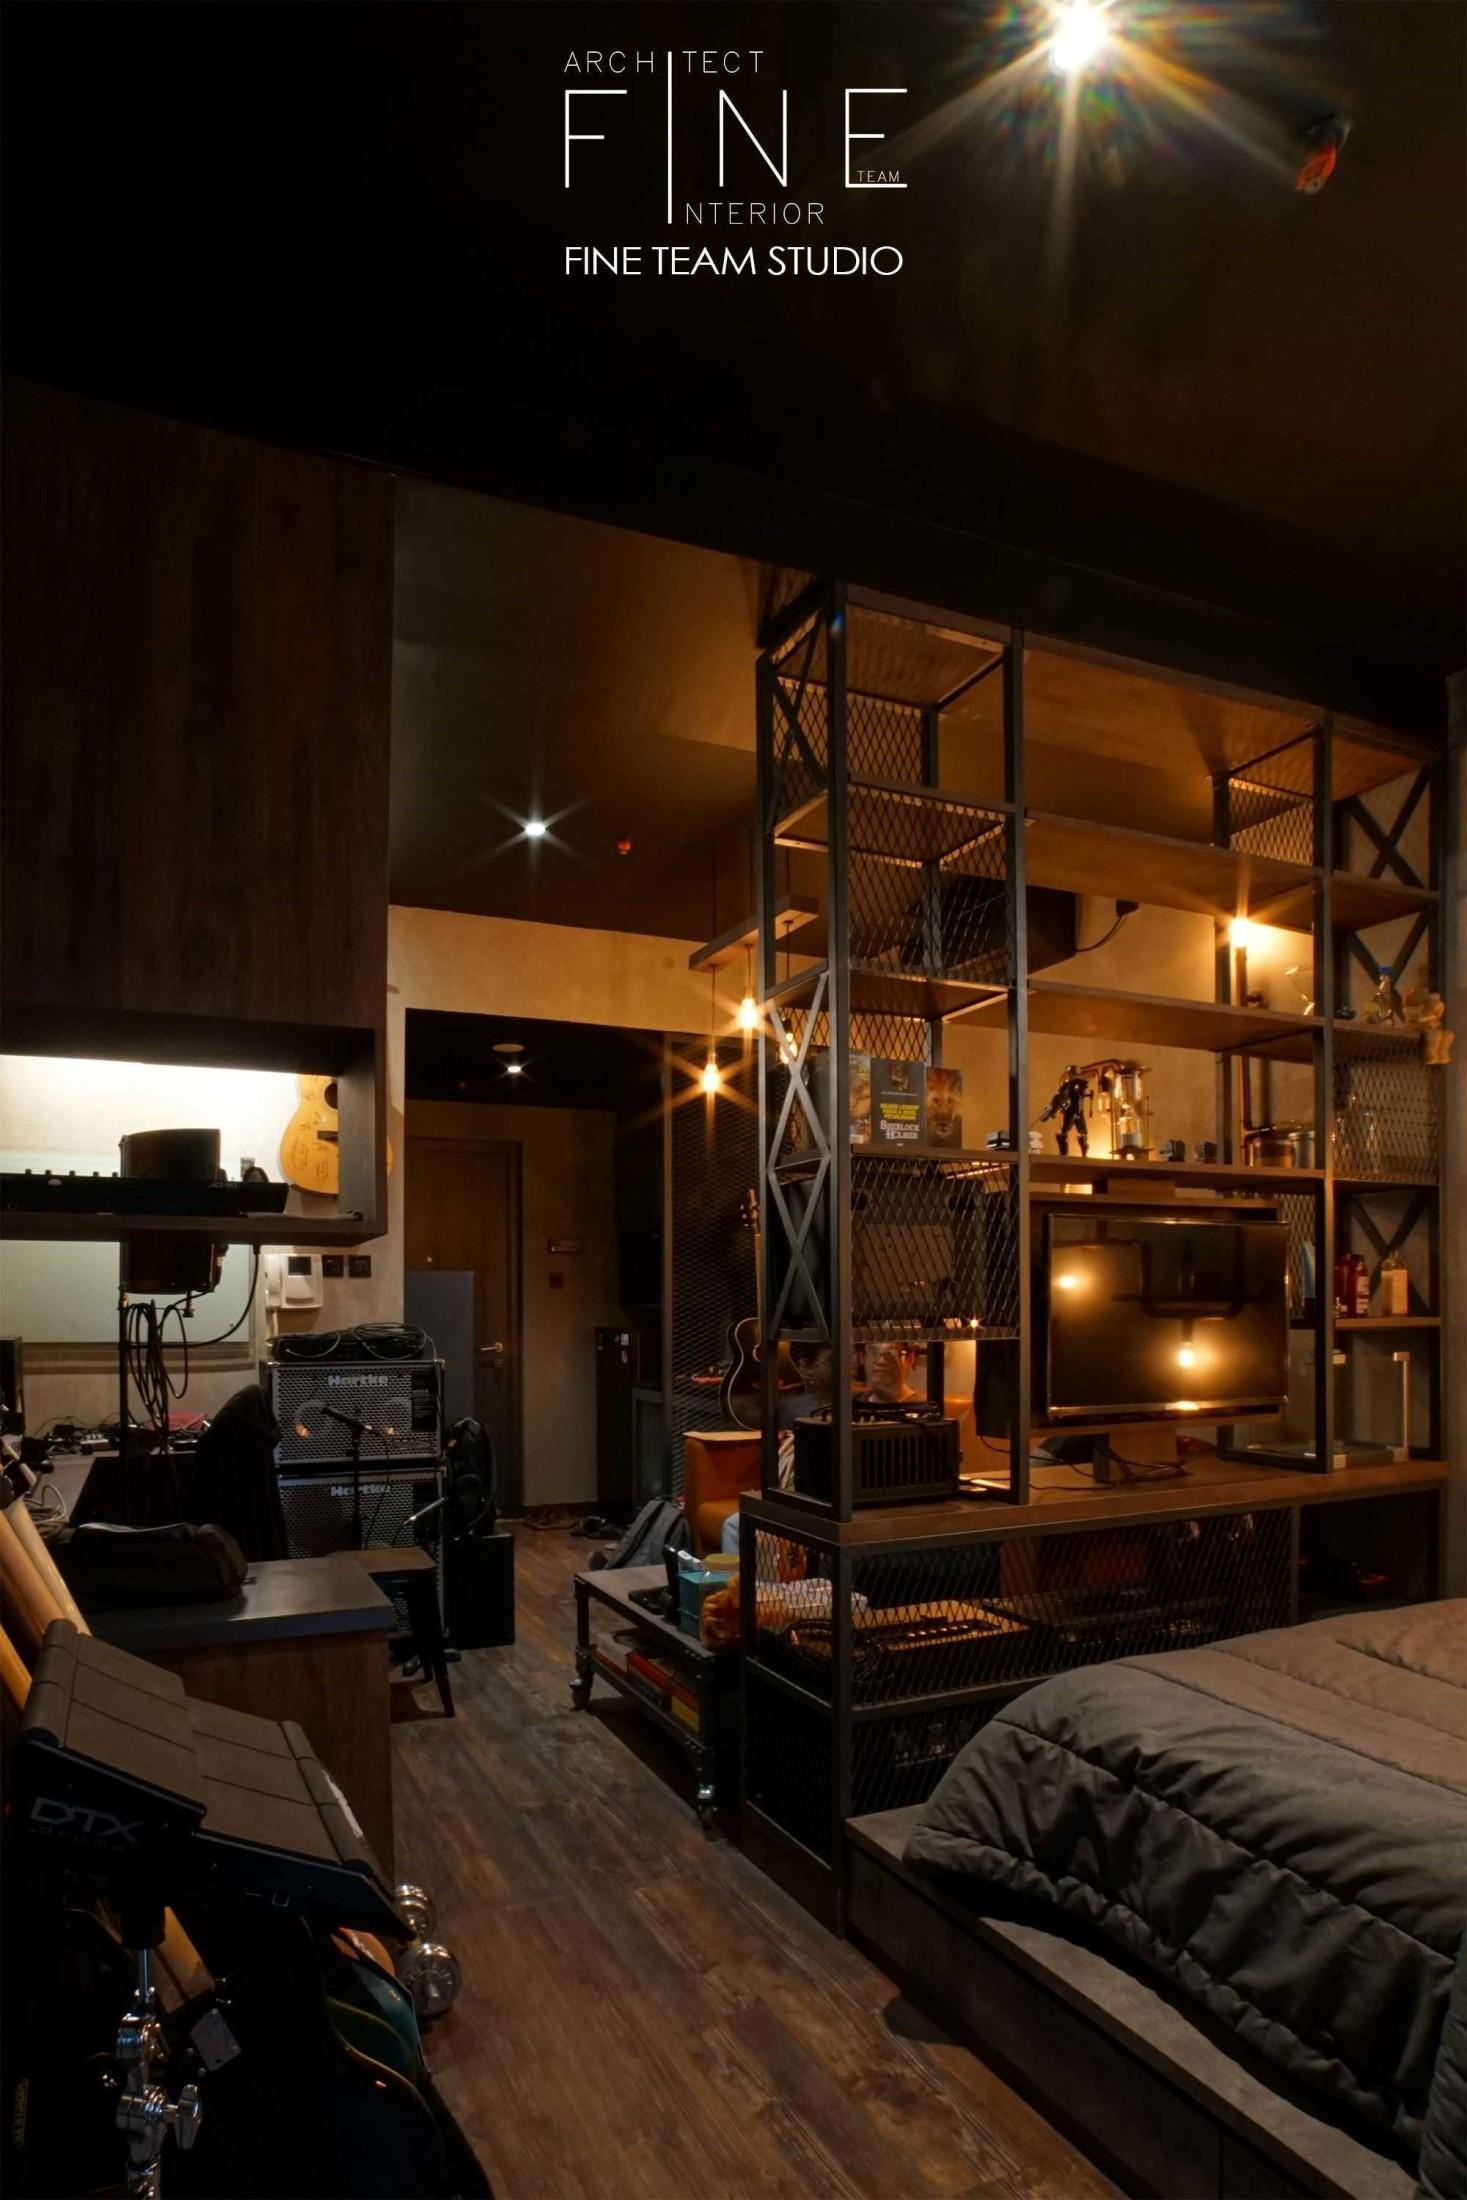 Konsep ruang terbuka atau open-plan sangat cocok diterapkan pada apartemen untuk menciptakan ruang luas yang lebih fleksibel. Kecerdikan mengelola pembagian ruang tanpa partisi masif, menunjukkan identitas pemiliknya dalam menciptakan hunian yang fungsional dan nyaman.